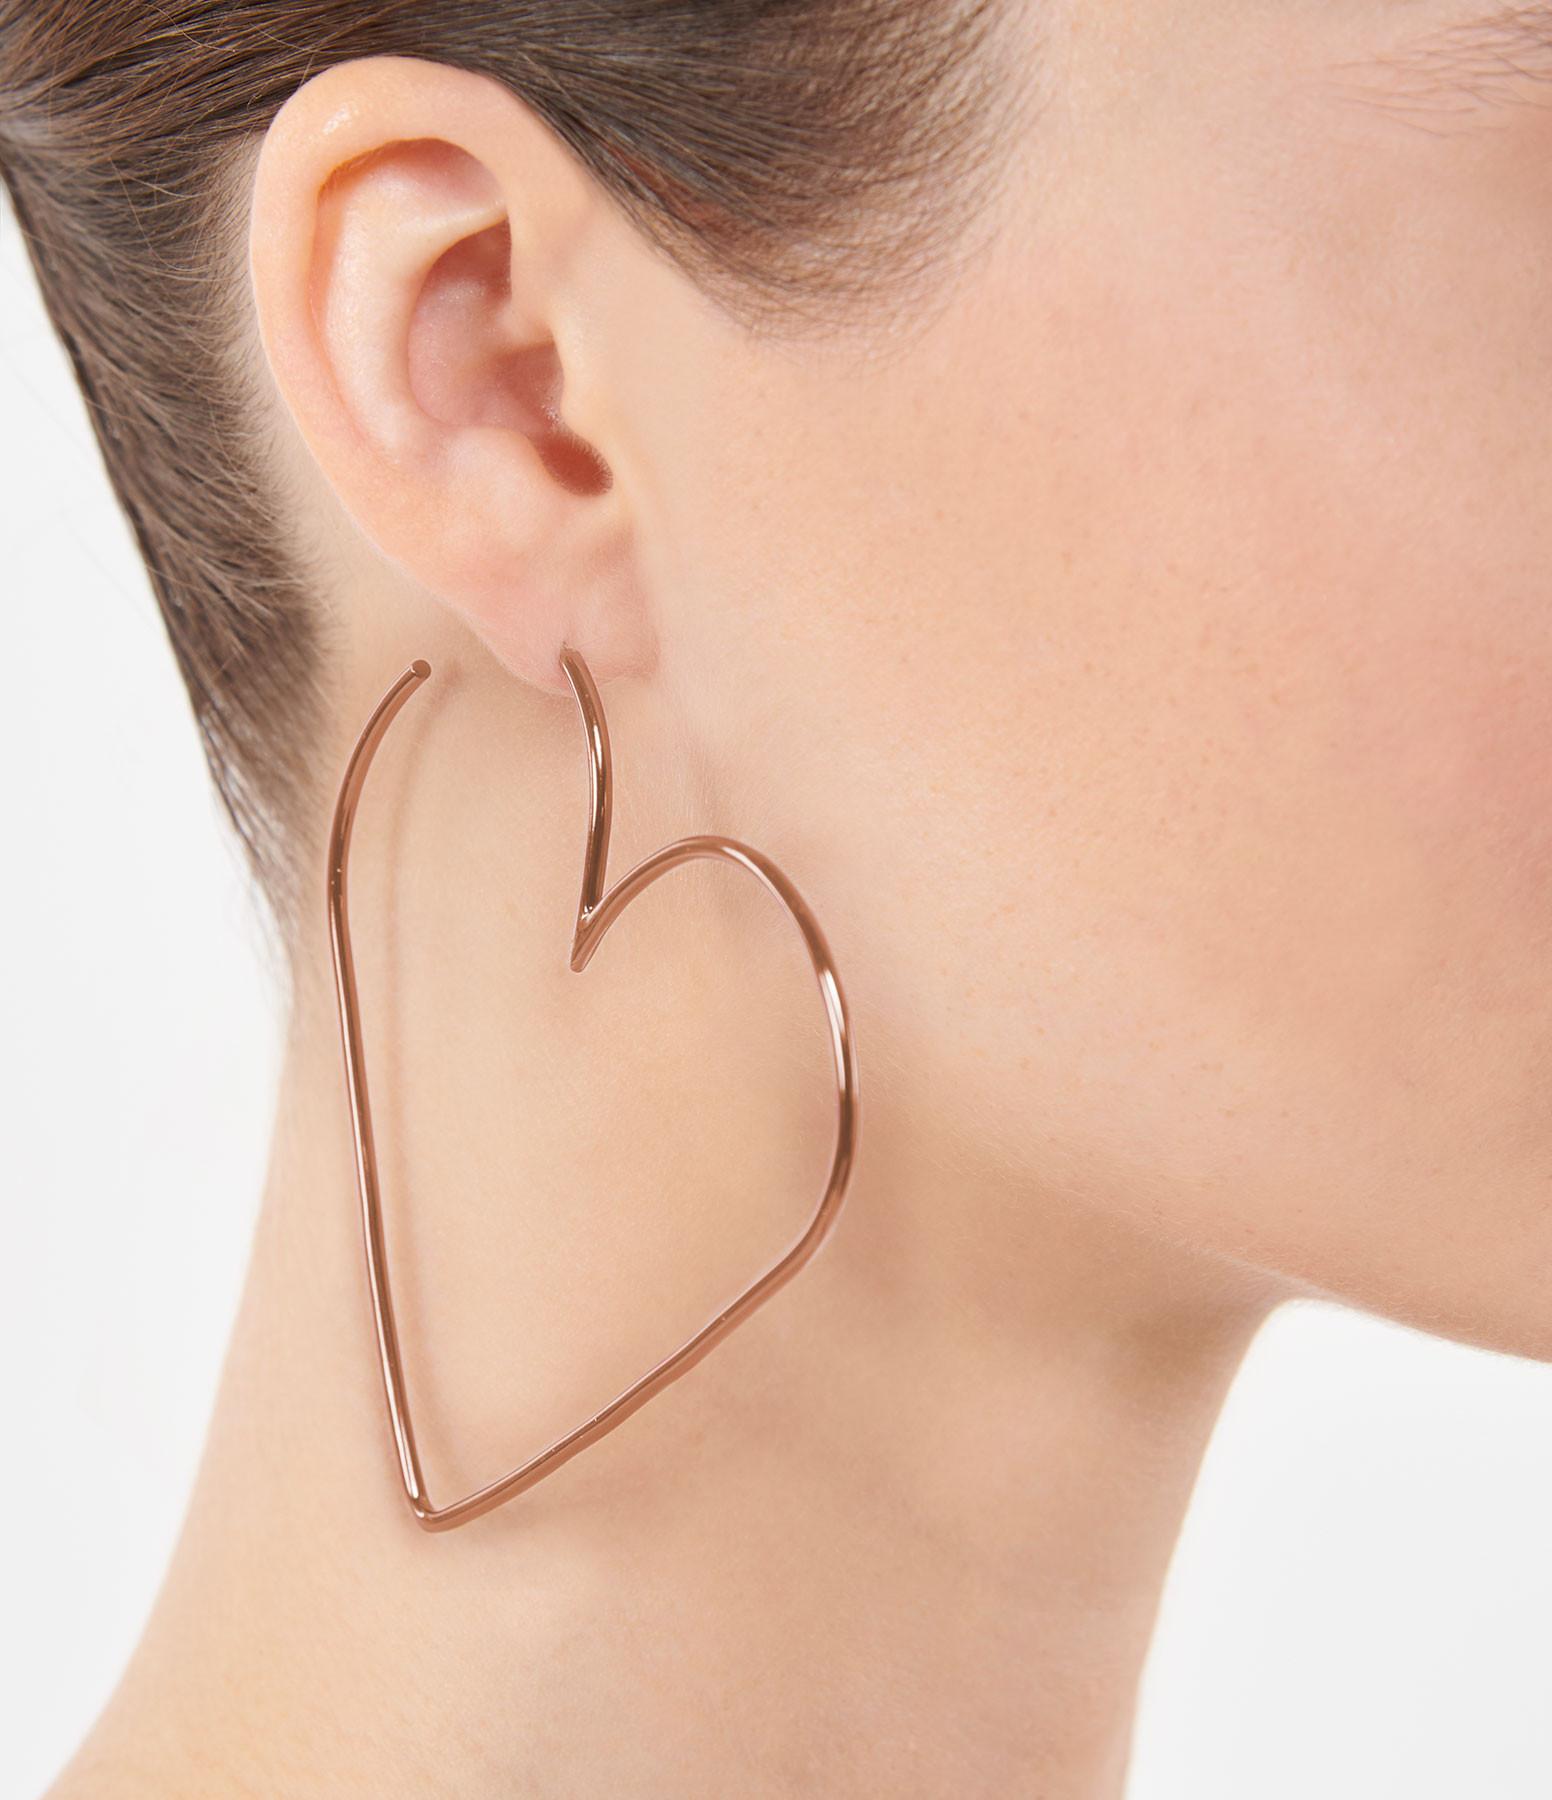 ISABEL MARANT - Boucles d'oreilles In Love Laiton Bois de Rose